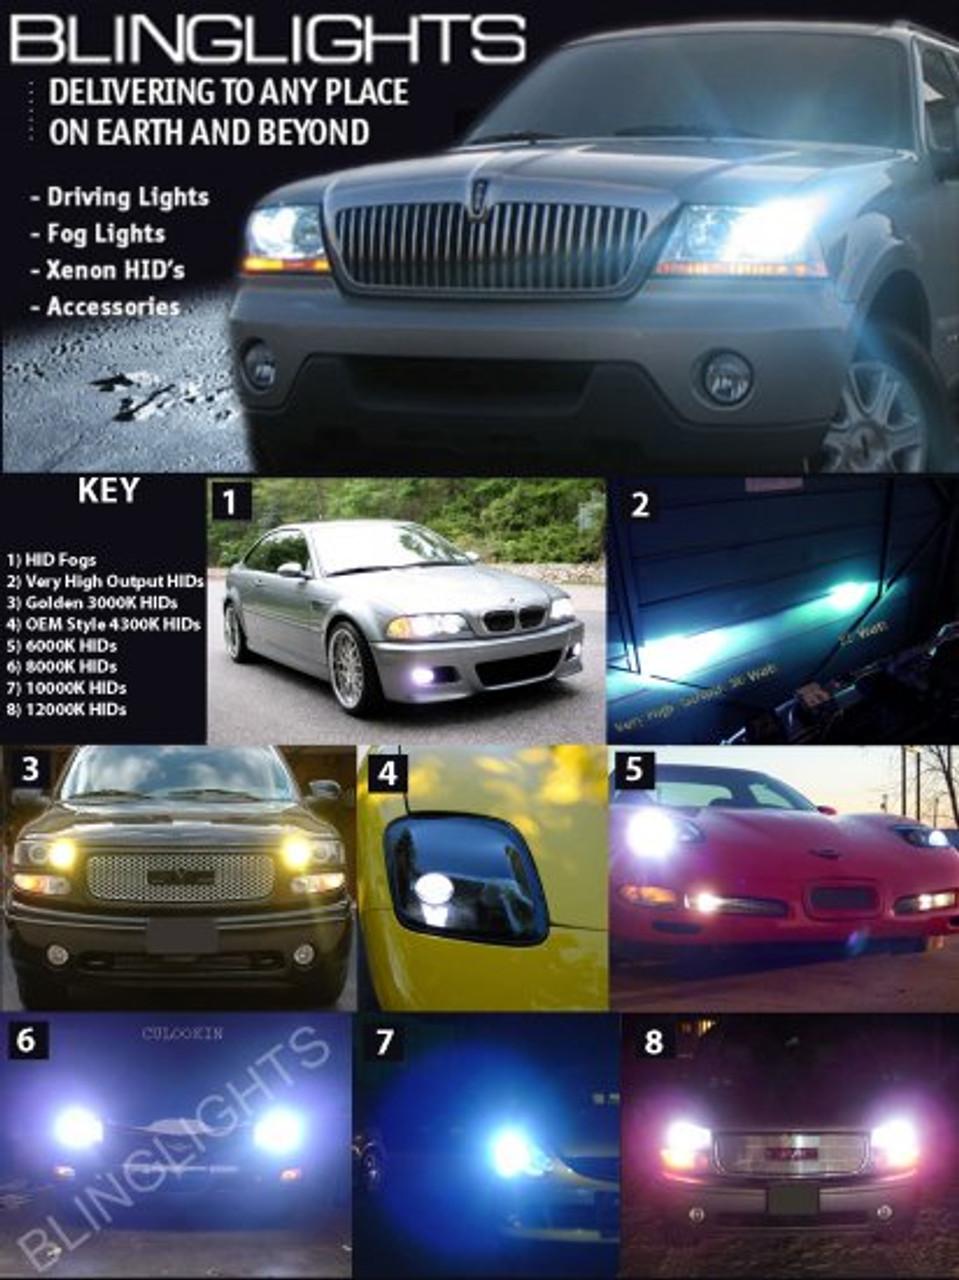 2004 Jeep Liberty Headlights : liberty, headlights, Liberty, 55watt, Xenon, Foglamps, Foglights, Drivinglights, Conversion, Upgrade, BlingLights.com